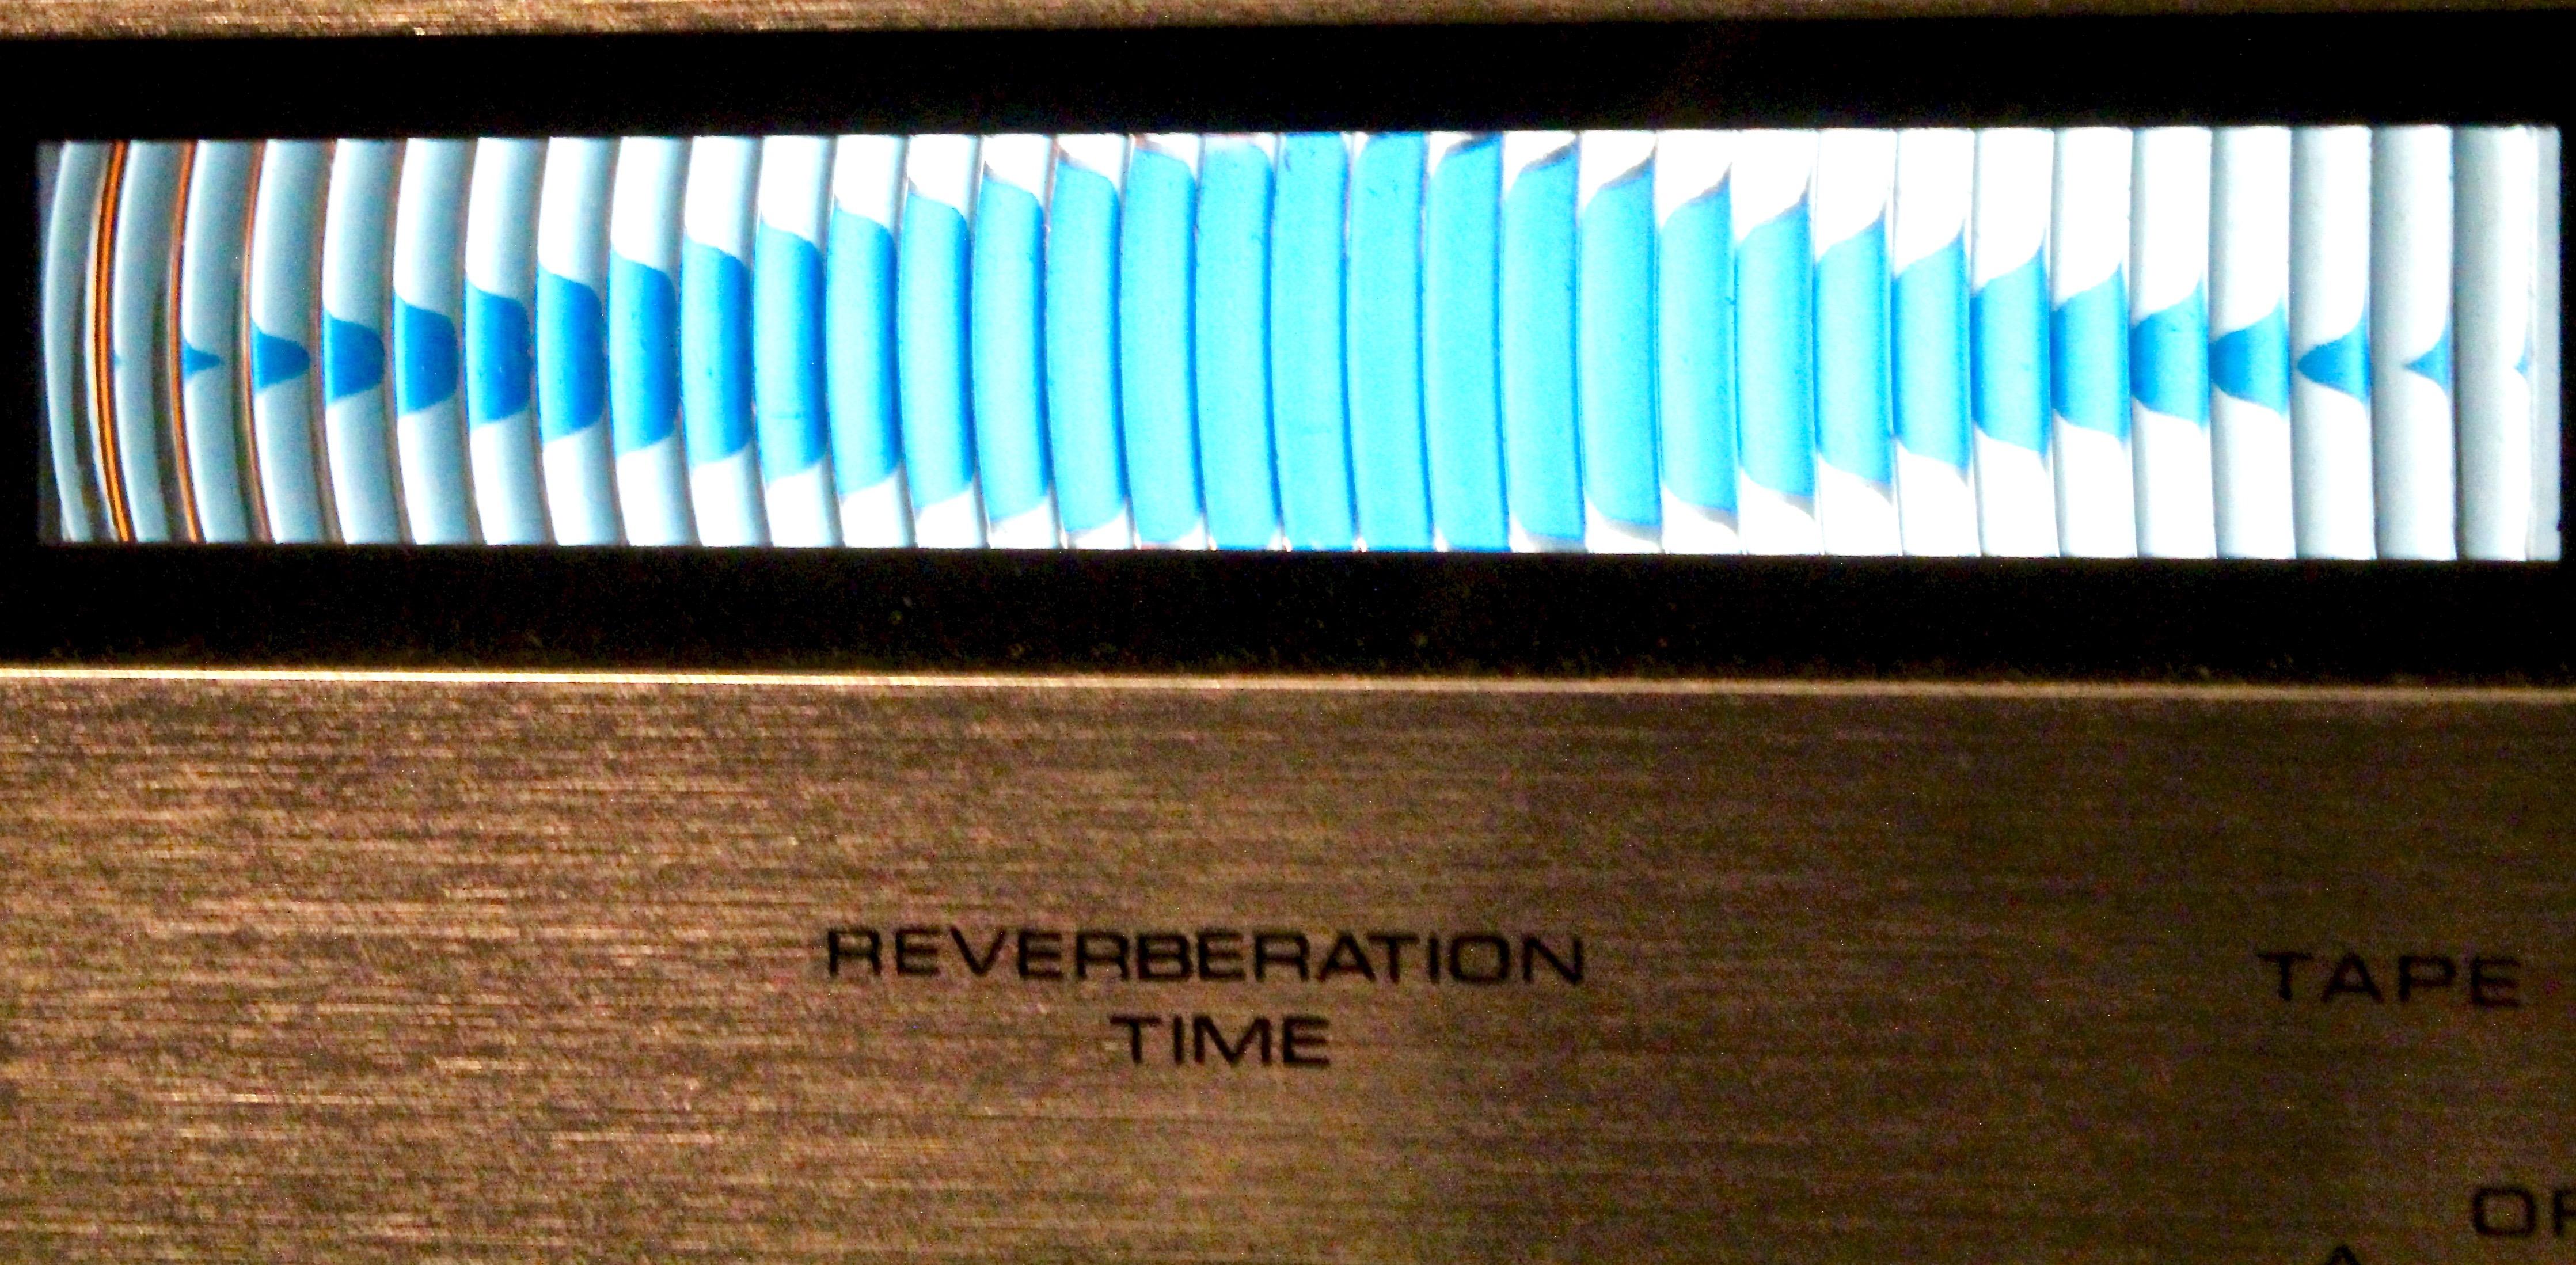 Pioneer Spring Reverb